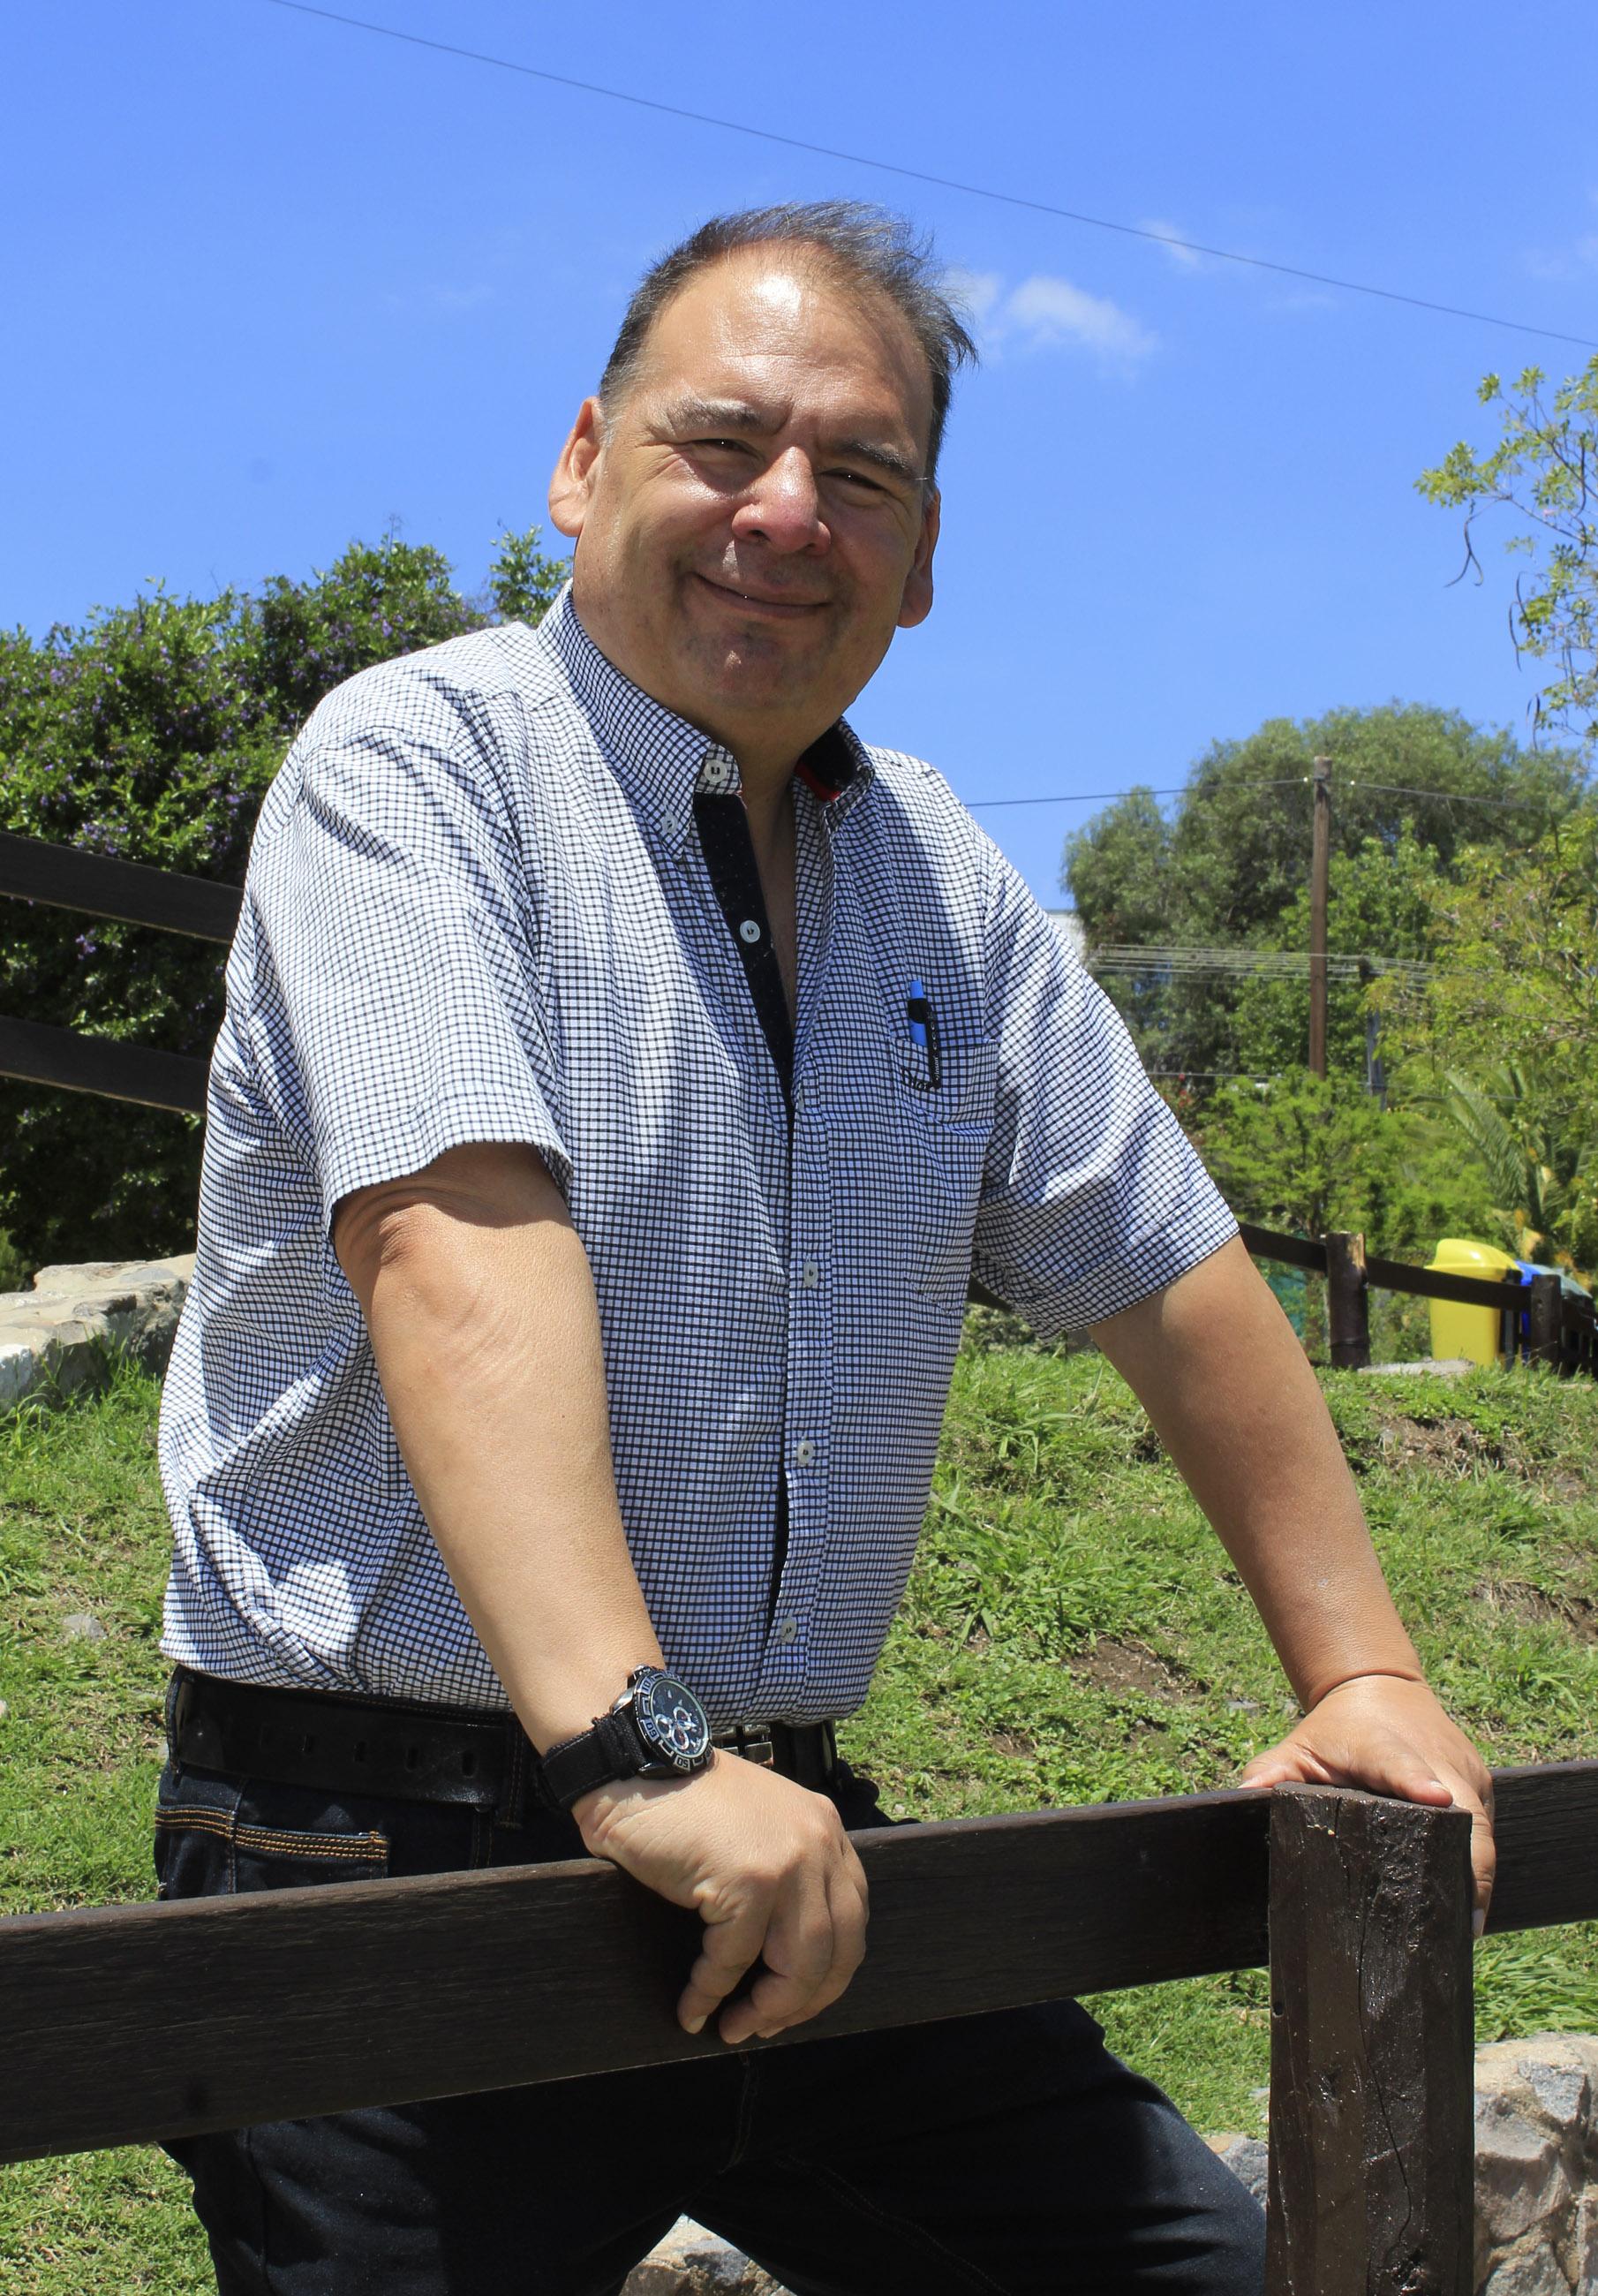 """Jorge Sánchez: """"El público reclama contenido, hay que mostrar más deporte y en mayor variedad"""" 3"""